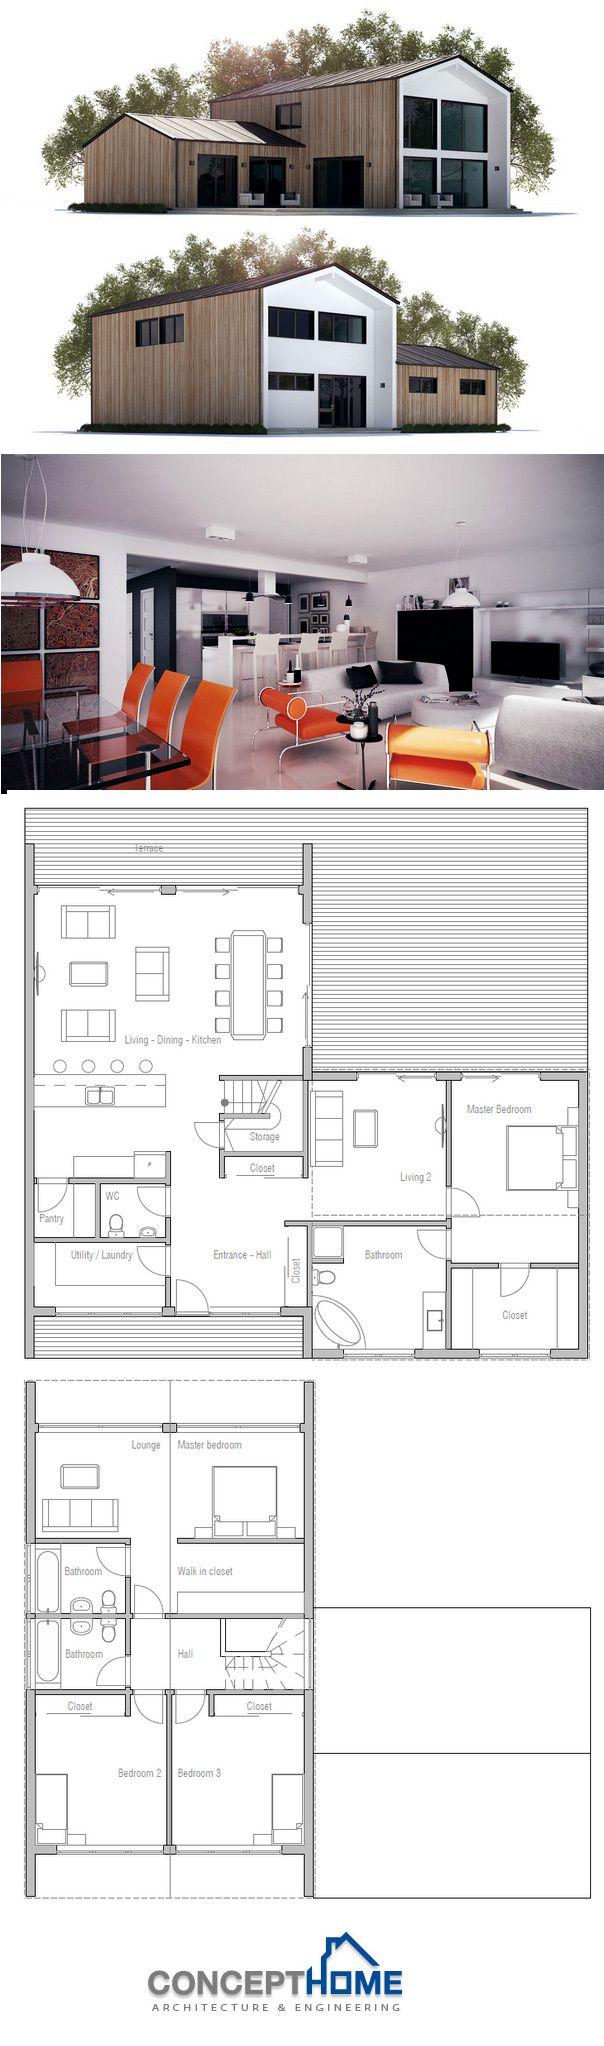 Irgendwann grundrisse stadt kleines haus pläne kleine häuser home pläne moderne häuser haus design grundrisse